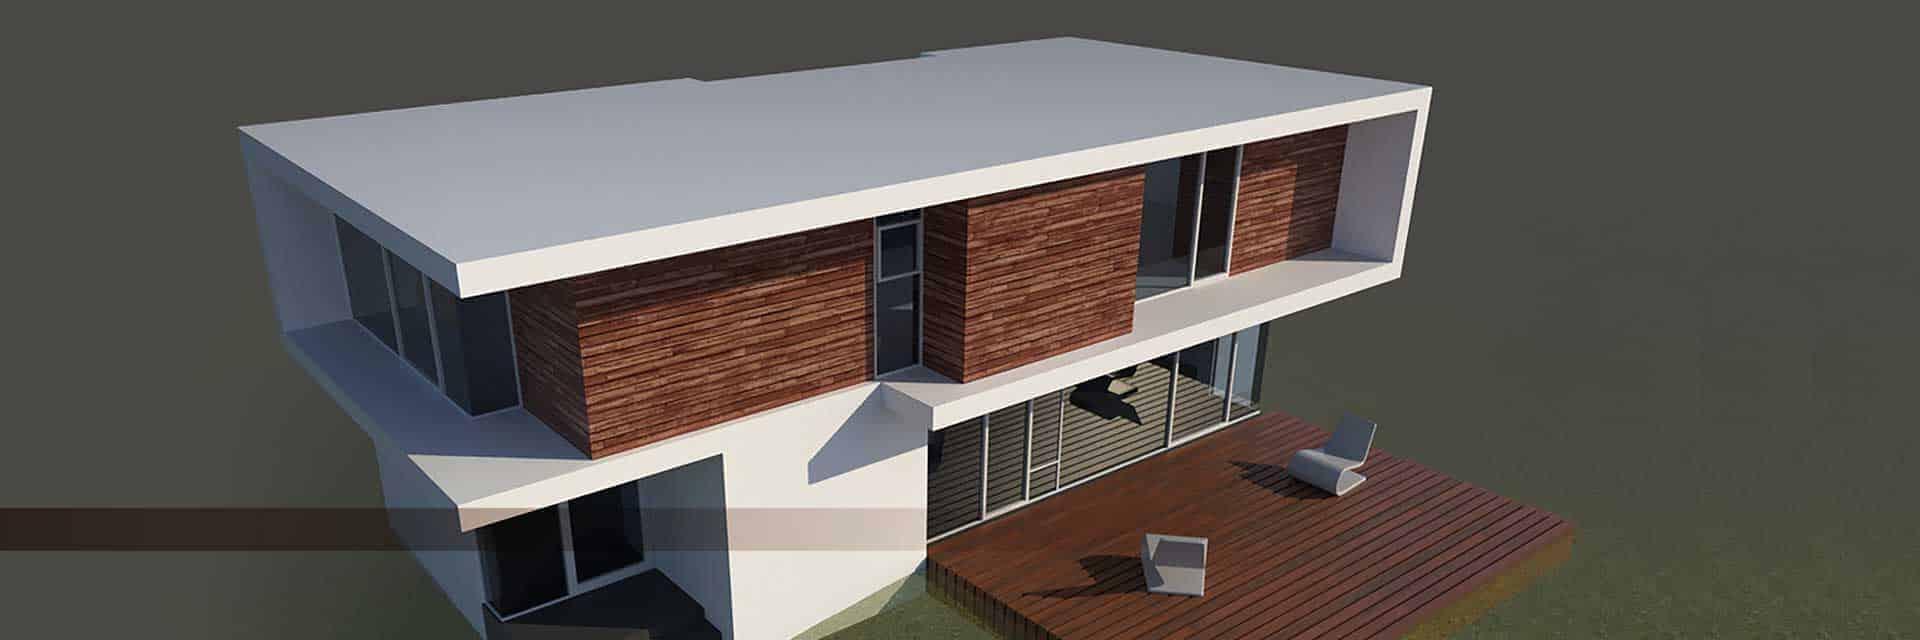 3Ds Max Arquitectura